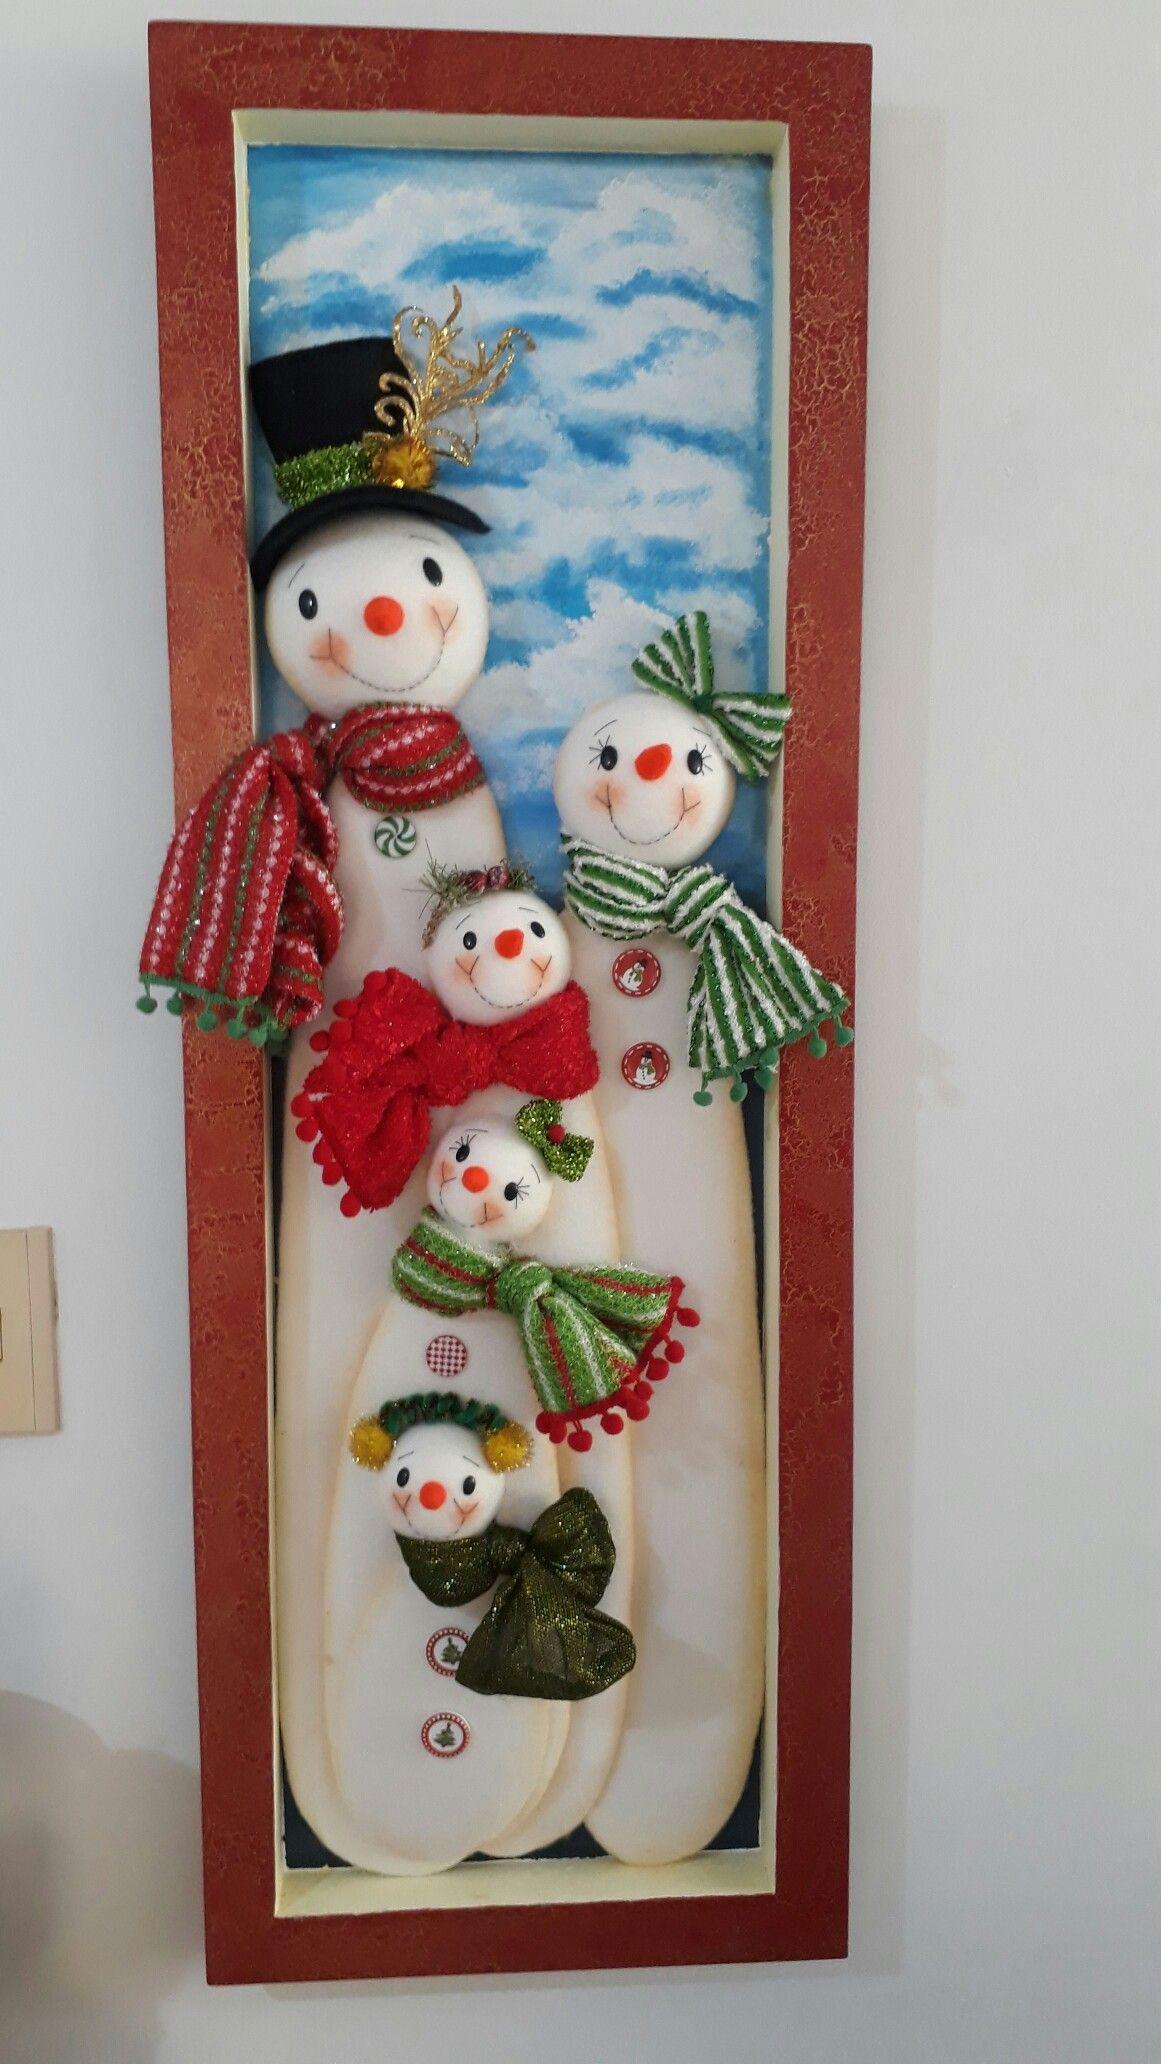 Navidad cosiendo con betty cuadro de betty navidad decoracion navidad y cuadros de navidad - Manualidades decoracion de navidad ...